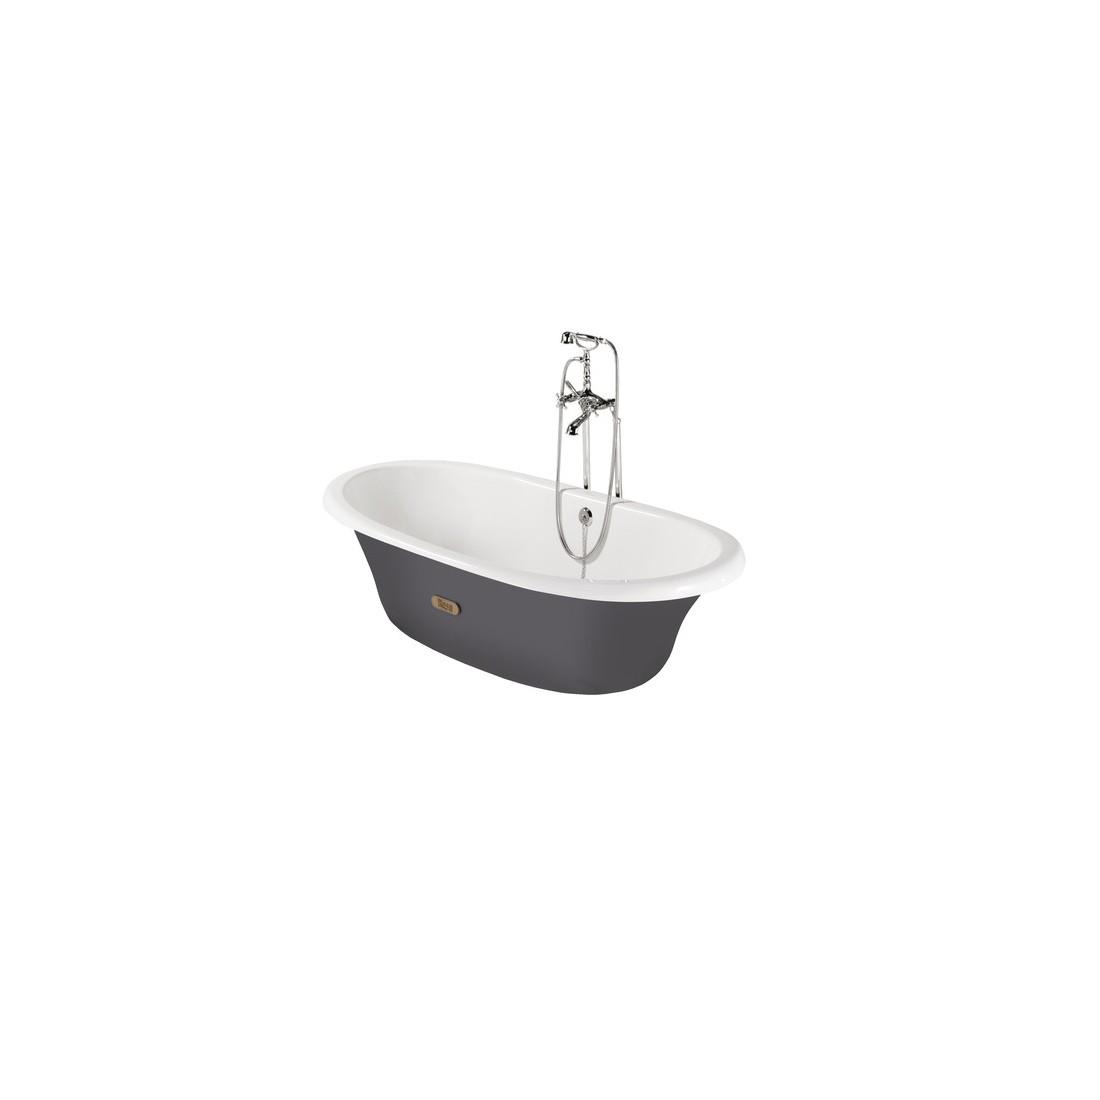 NEWCAST emaliuota ketaus vonia 170x85 cm, pilka, antislip, tūris 222 l.